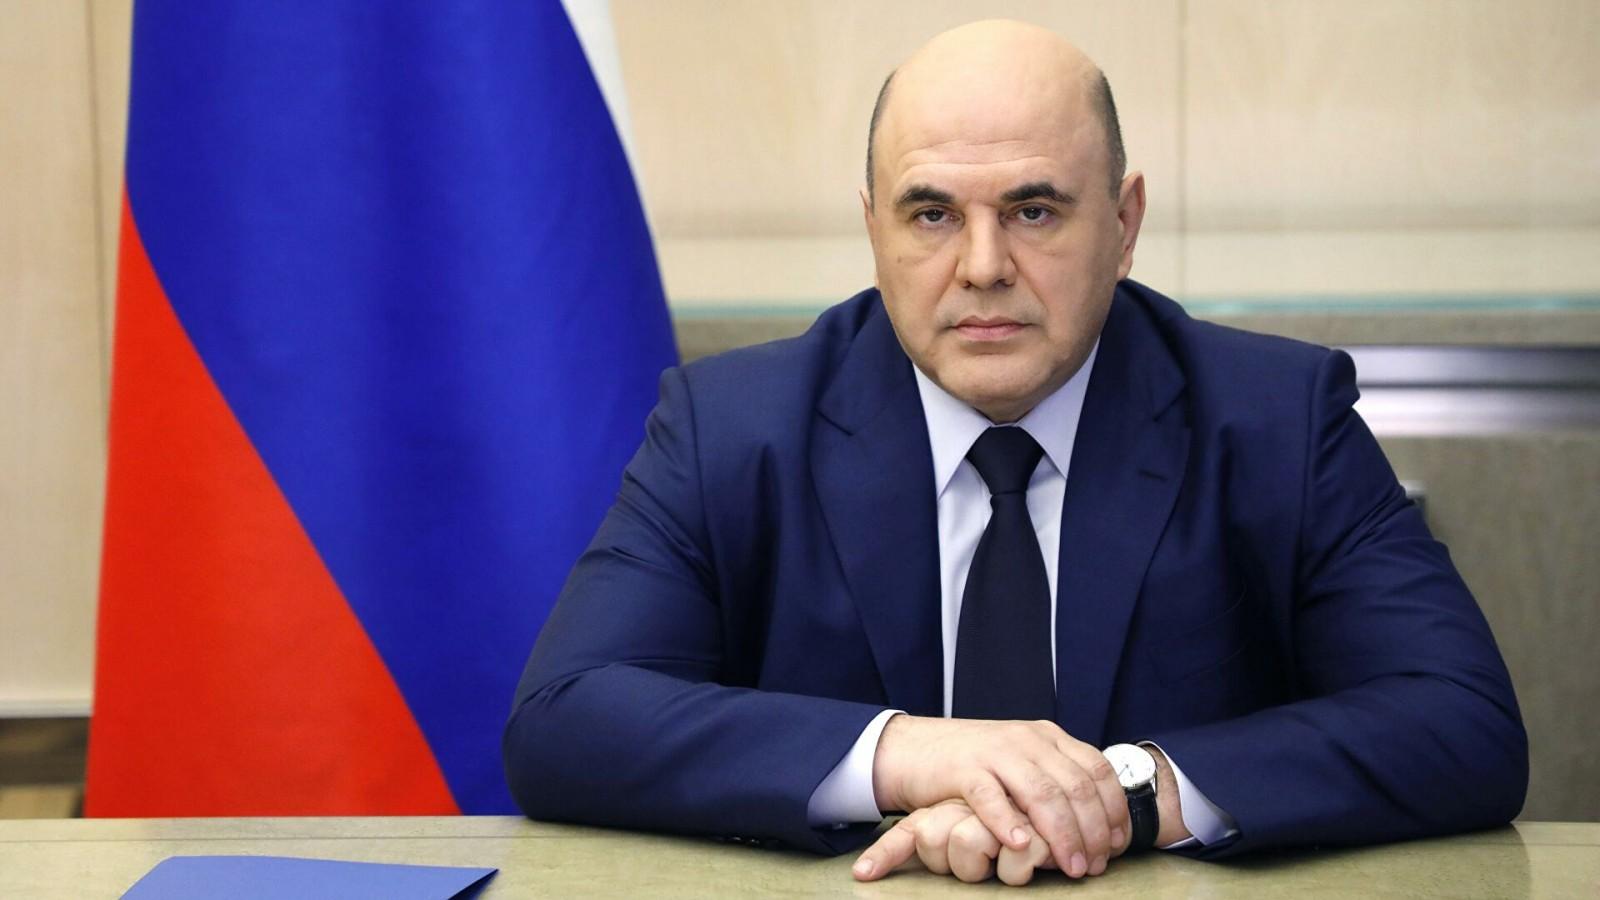 Премьер-министр Михаил Мишустин призвал россиян прививаться от коронавируса